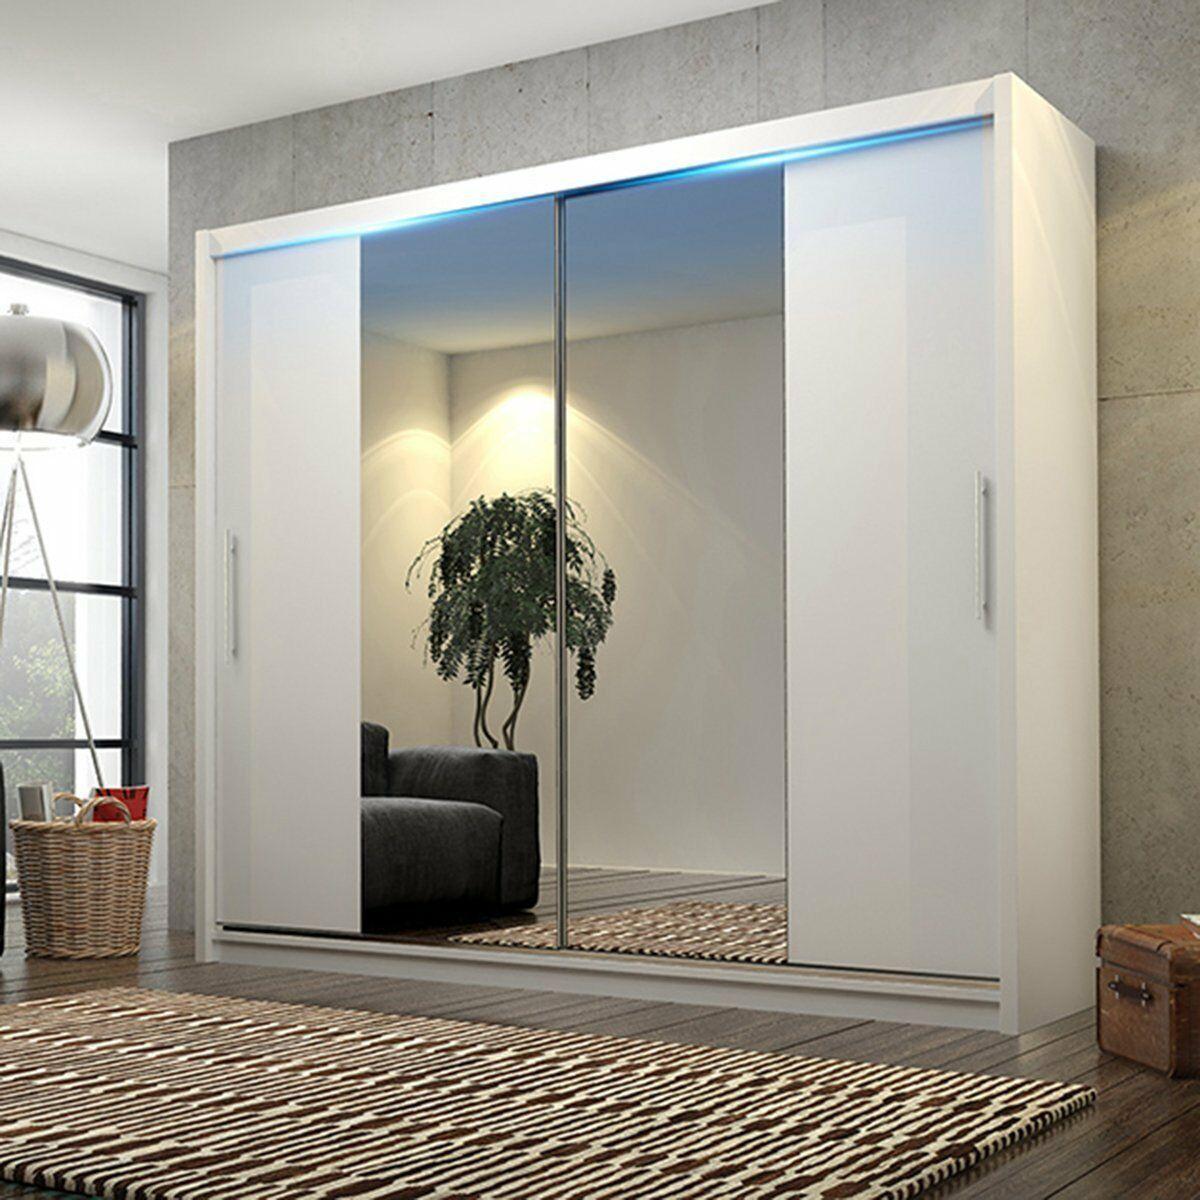 Big Stylish Sliding Wardrobe 204cm Big Mirrors Led Many Colours Ebay White Sliding Door Wardrobe Big Mirror Sliding Doors